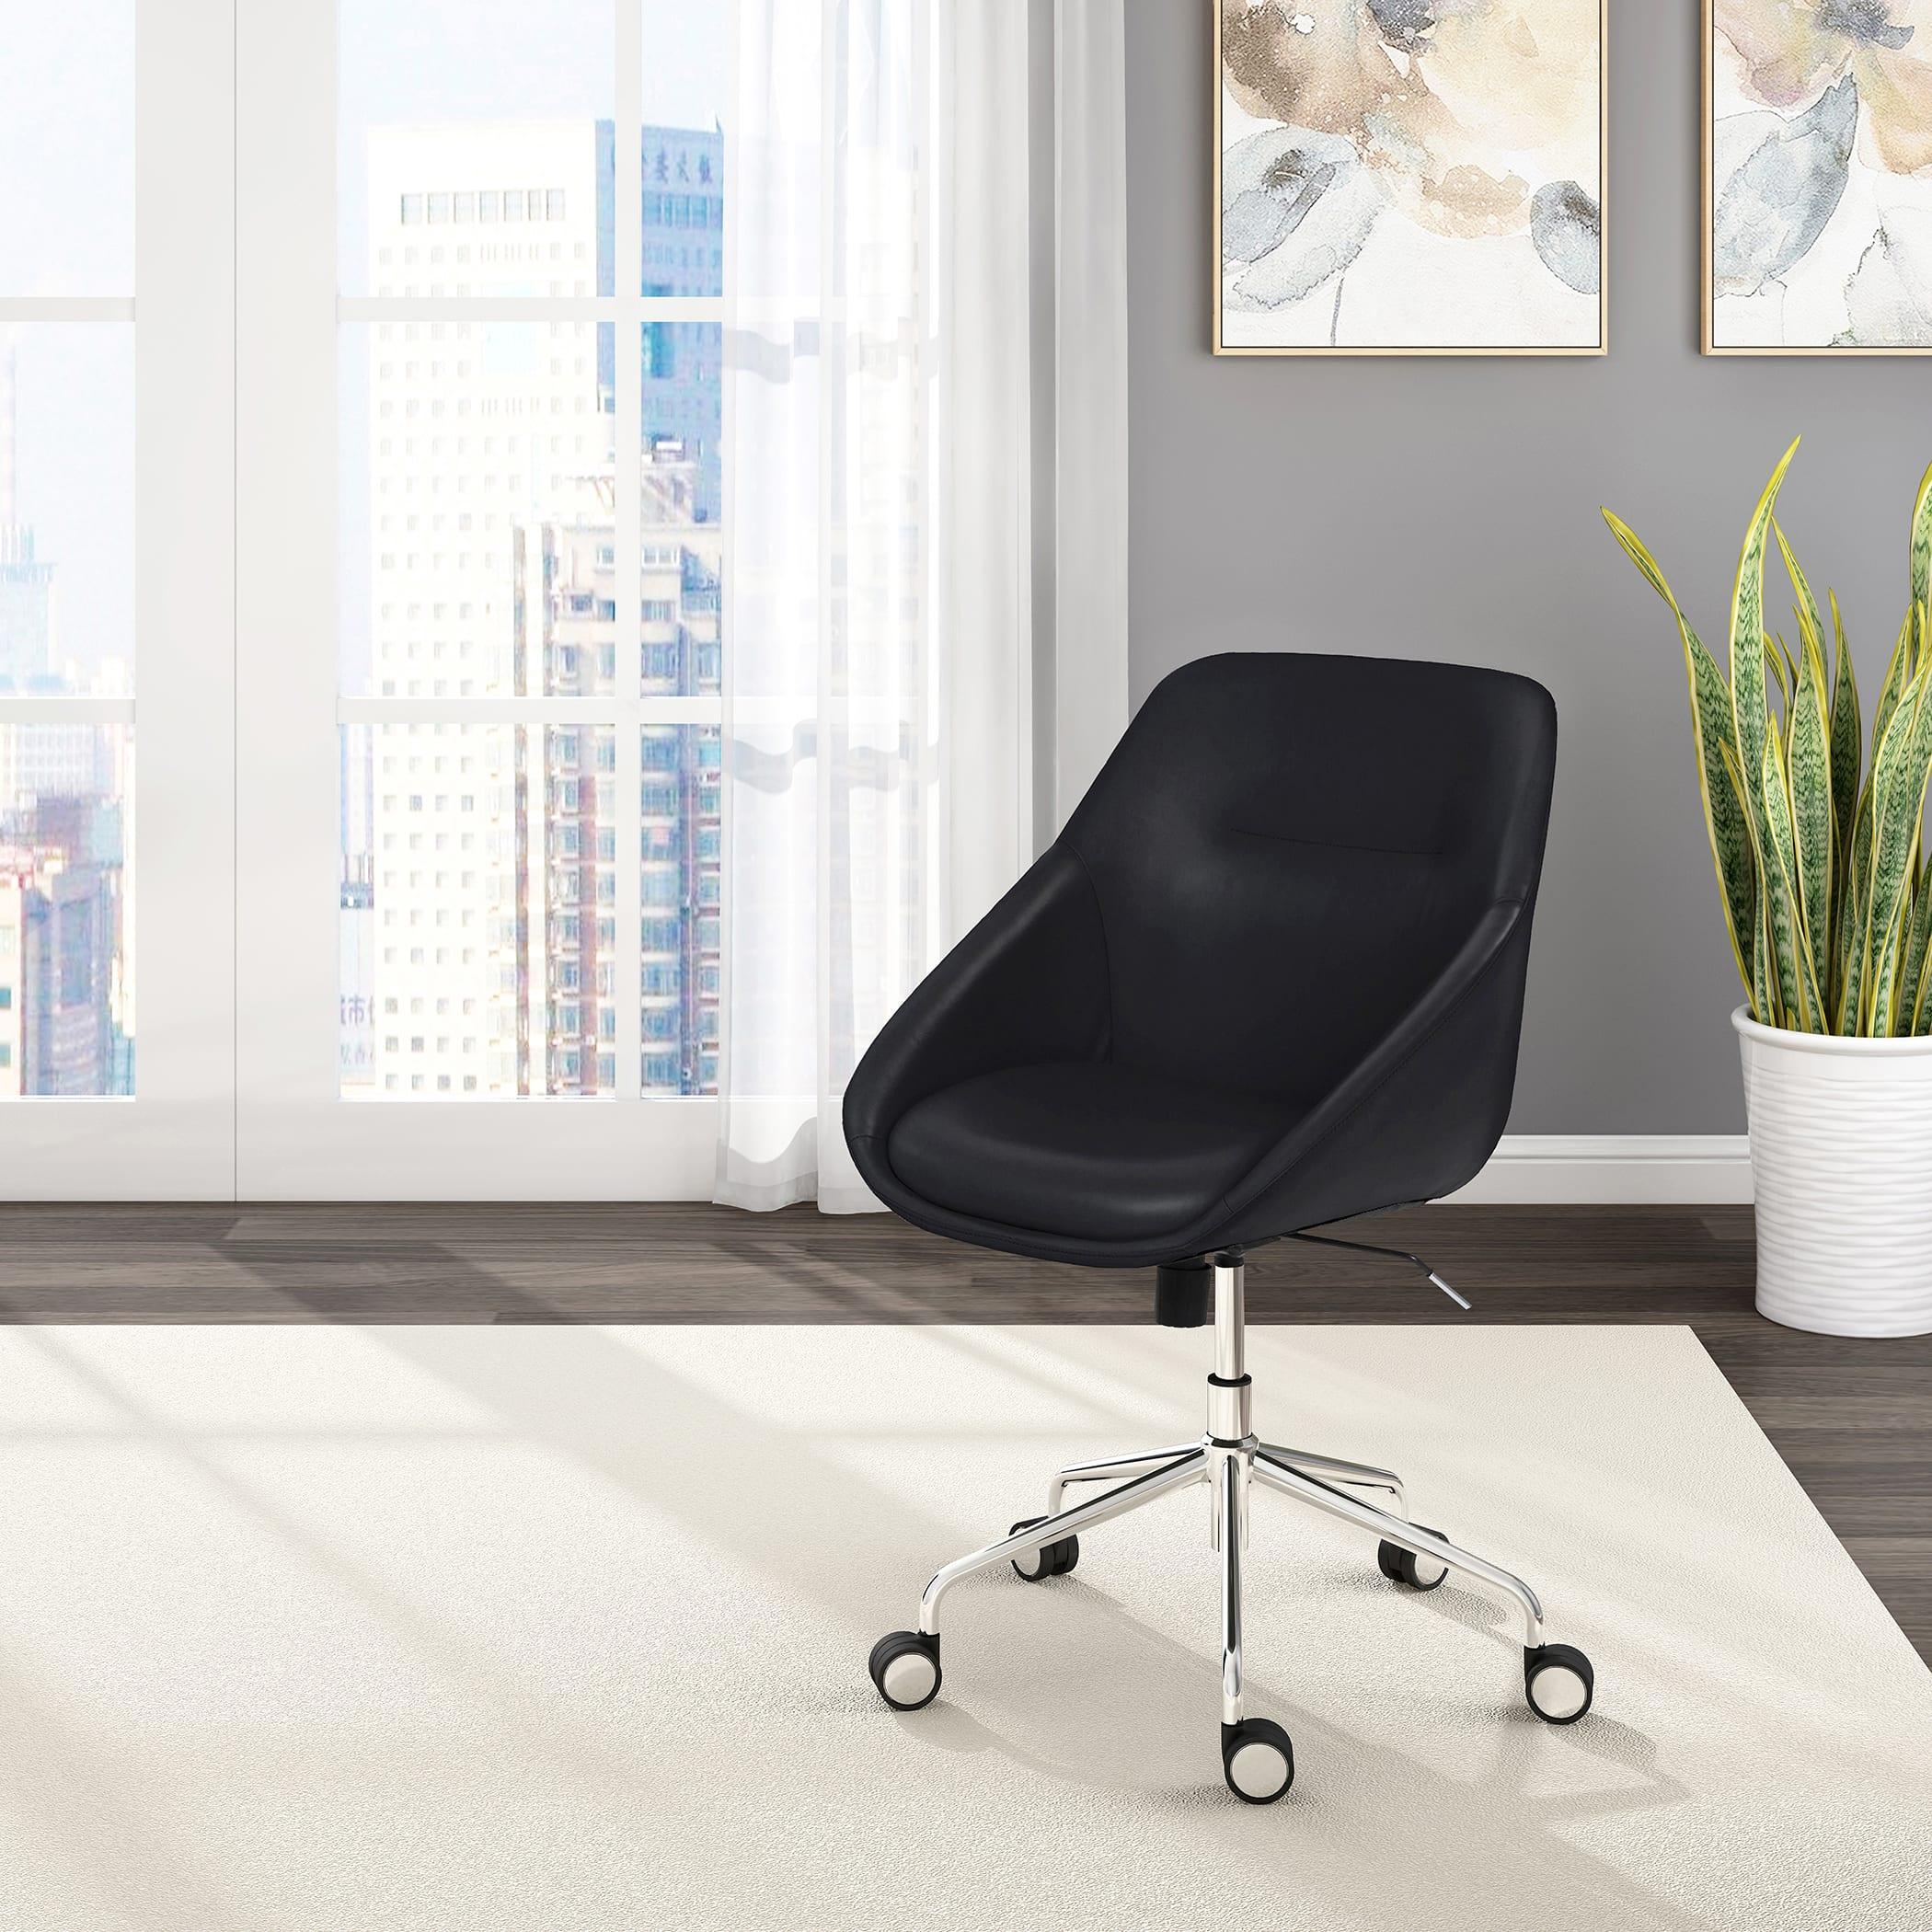 Elle Decor Taissy Mid Back Chair